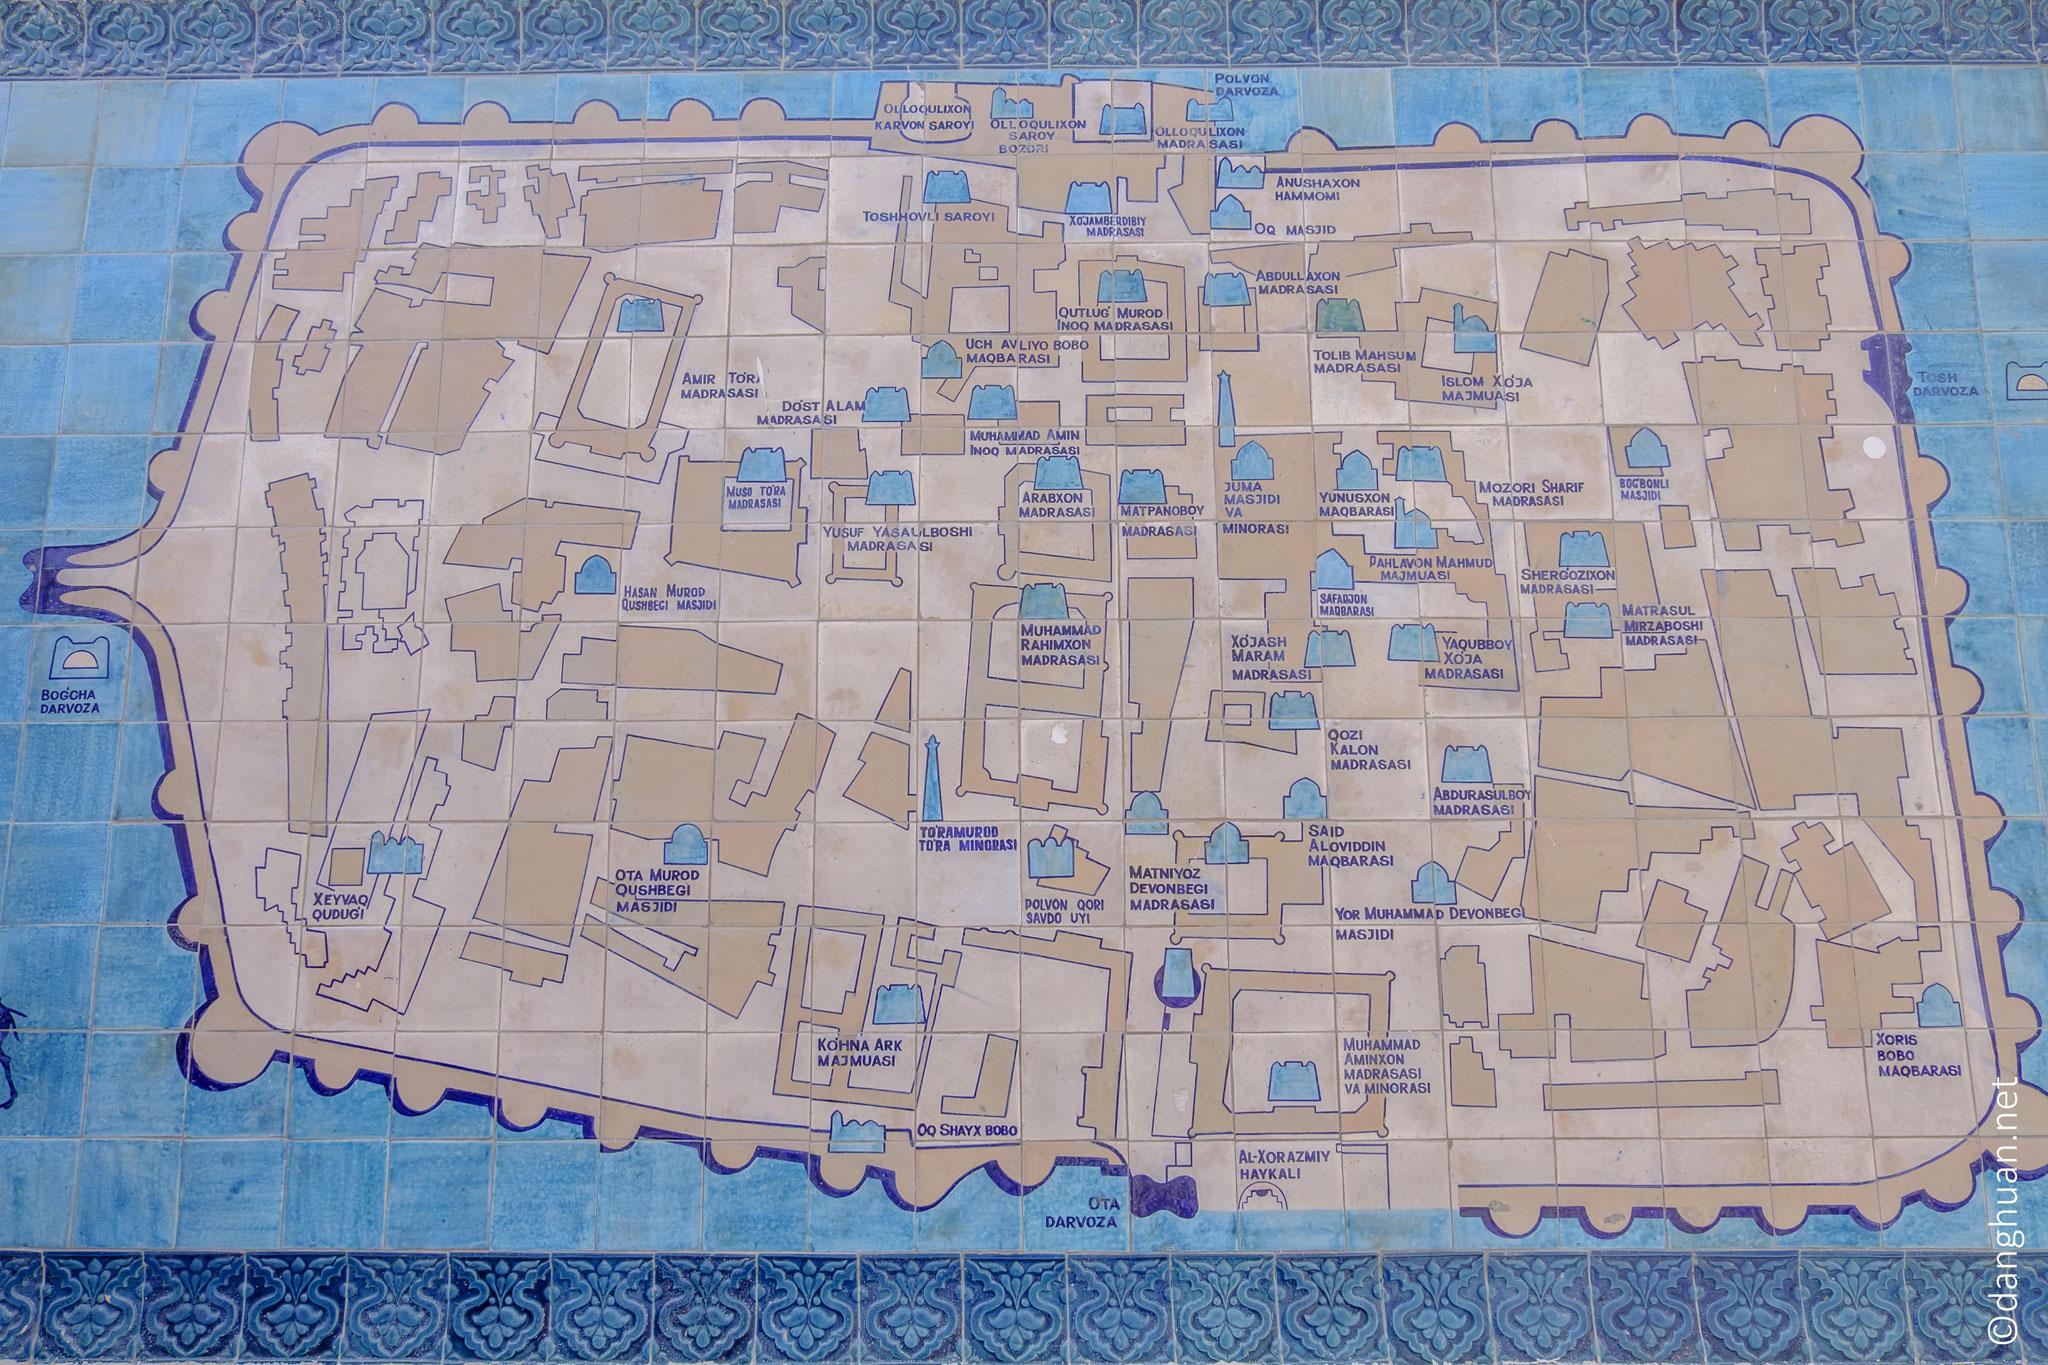 Plan des monuments de Khiva derrière des murs de pisé (argile mélangé à la paille) épais de 6 à 8 mètres, hauts de 10 mètres sur 2,2 Km de long